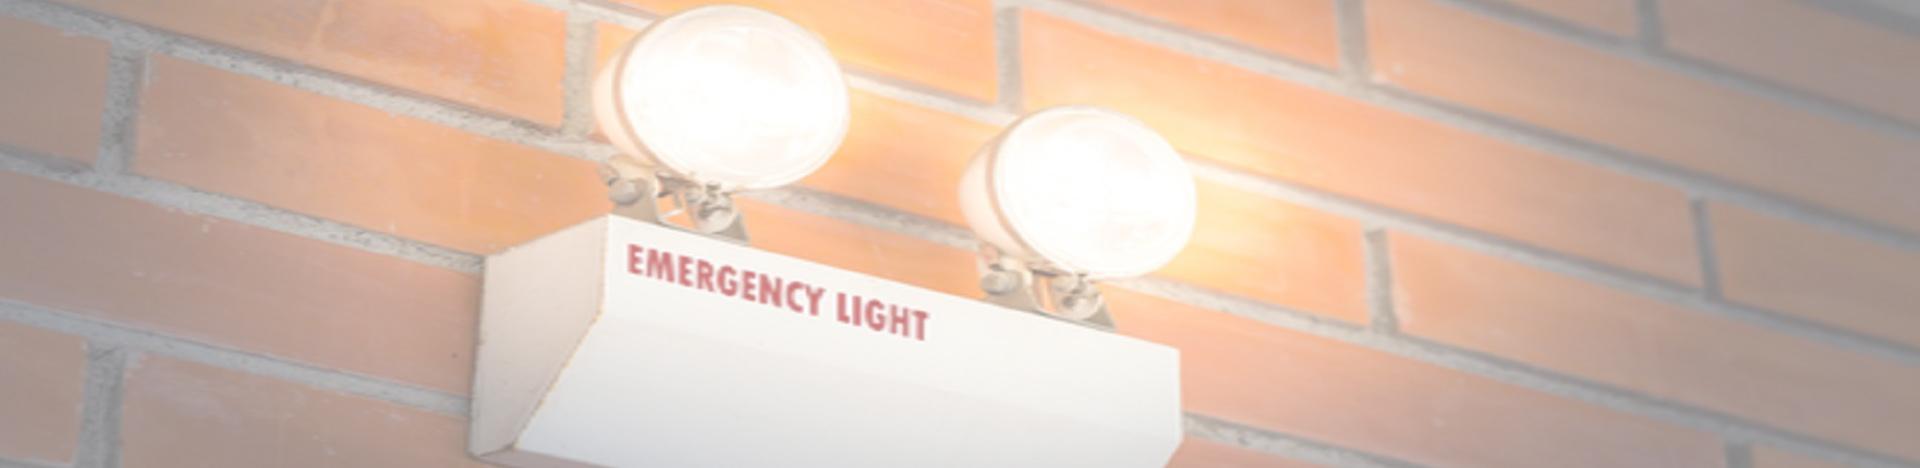 An emergency light.